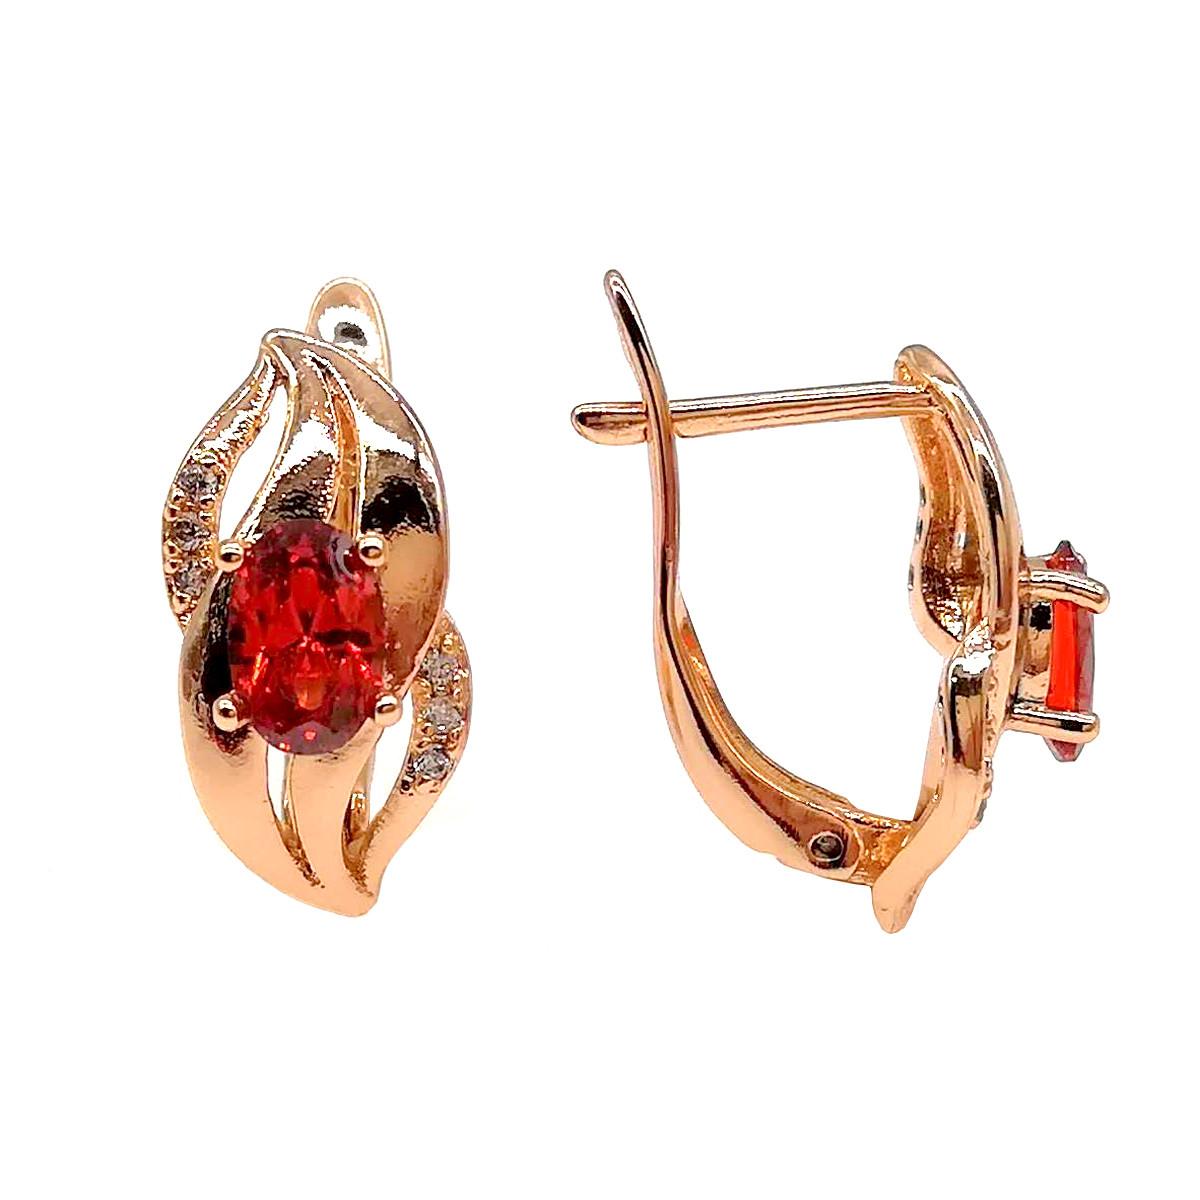 Серьги Хuping из медицинского золота, красные и белые фианиты, позолота 18К, 23685       (1)